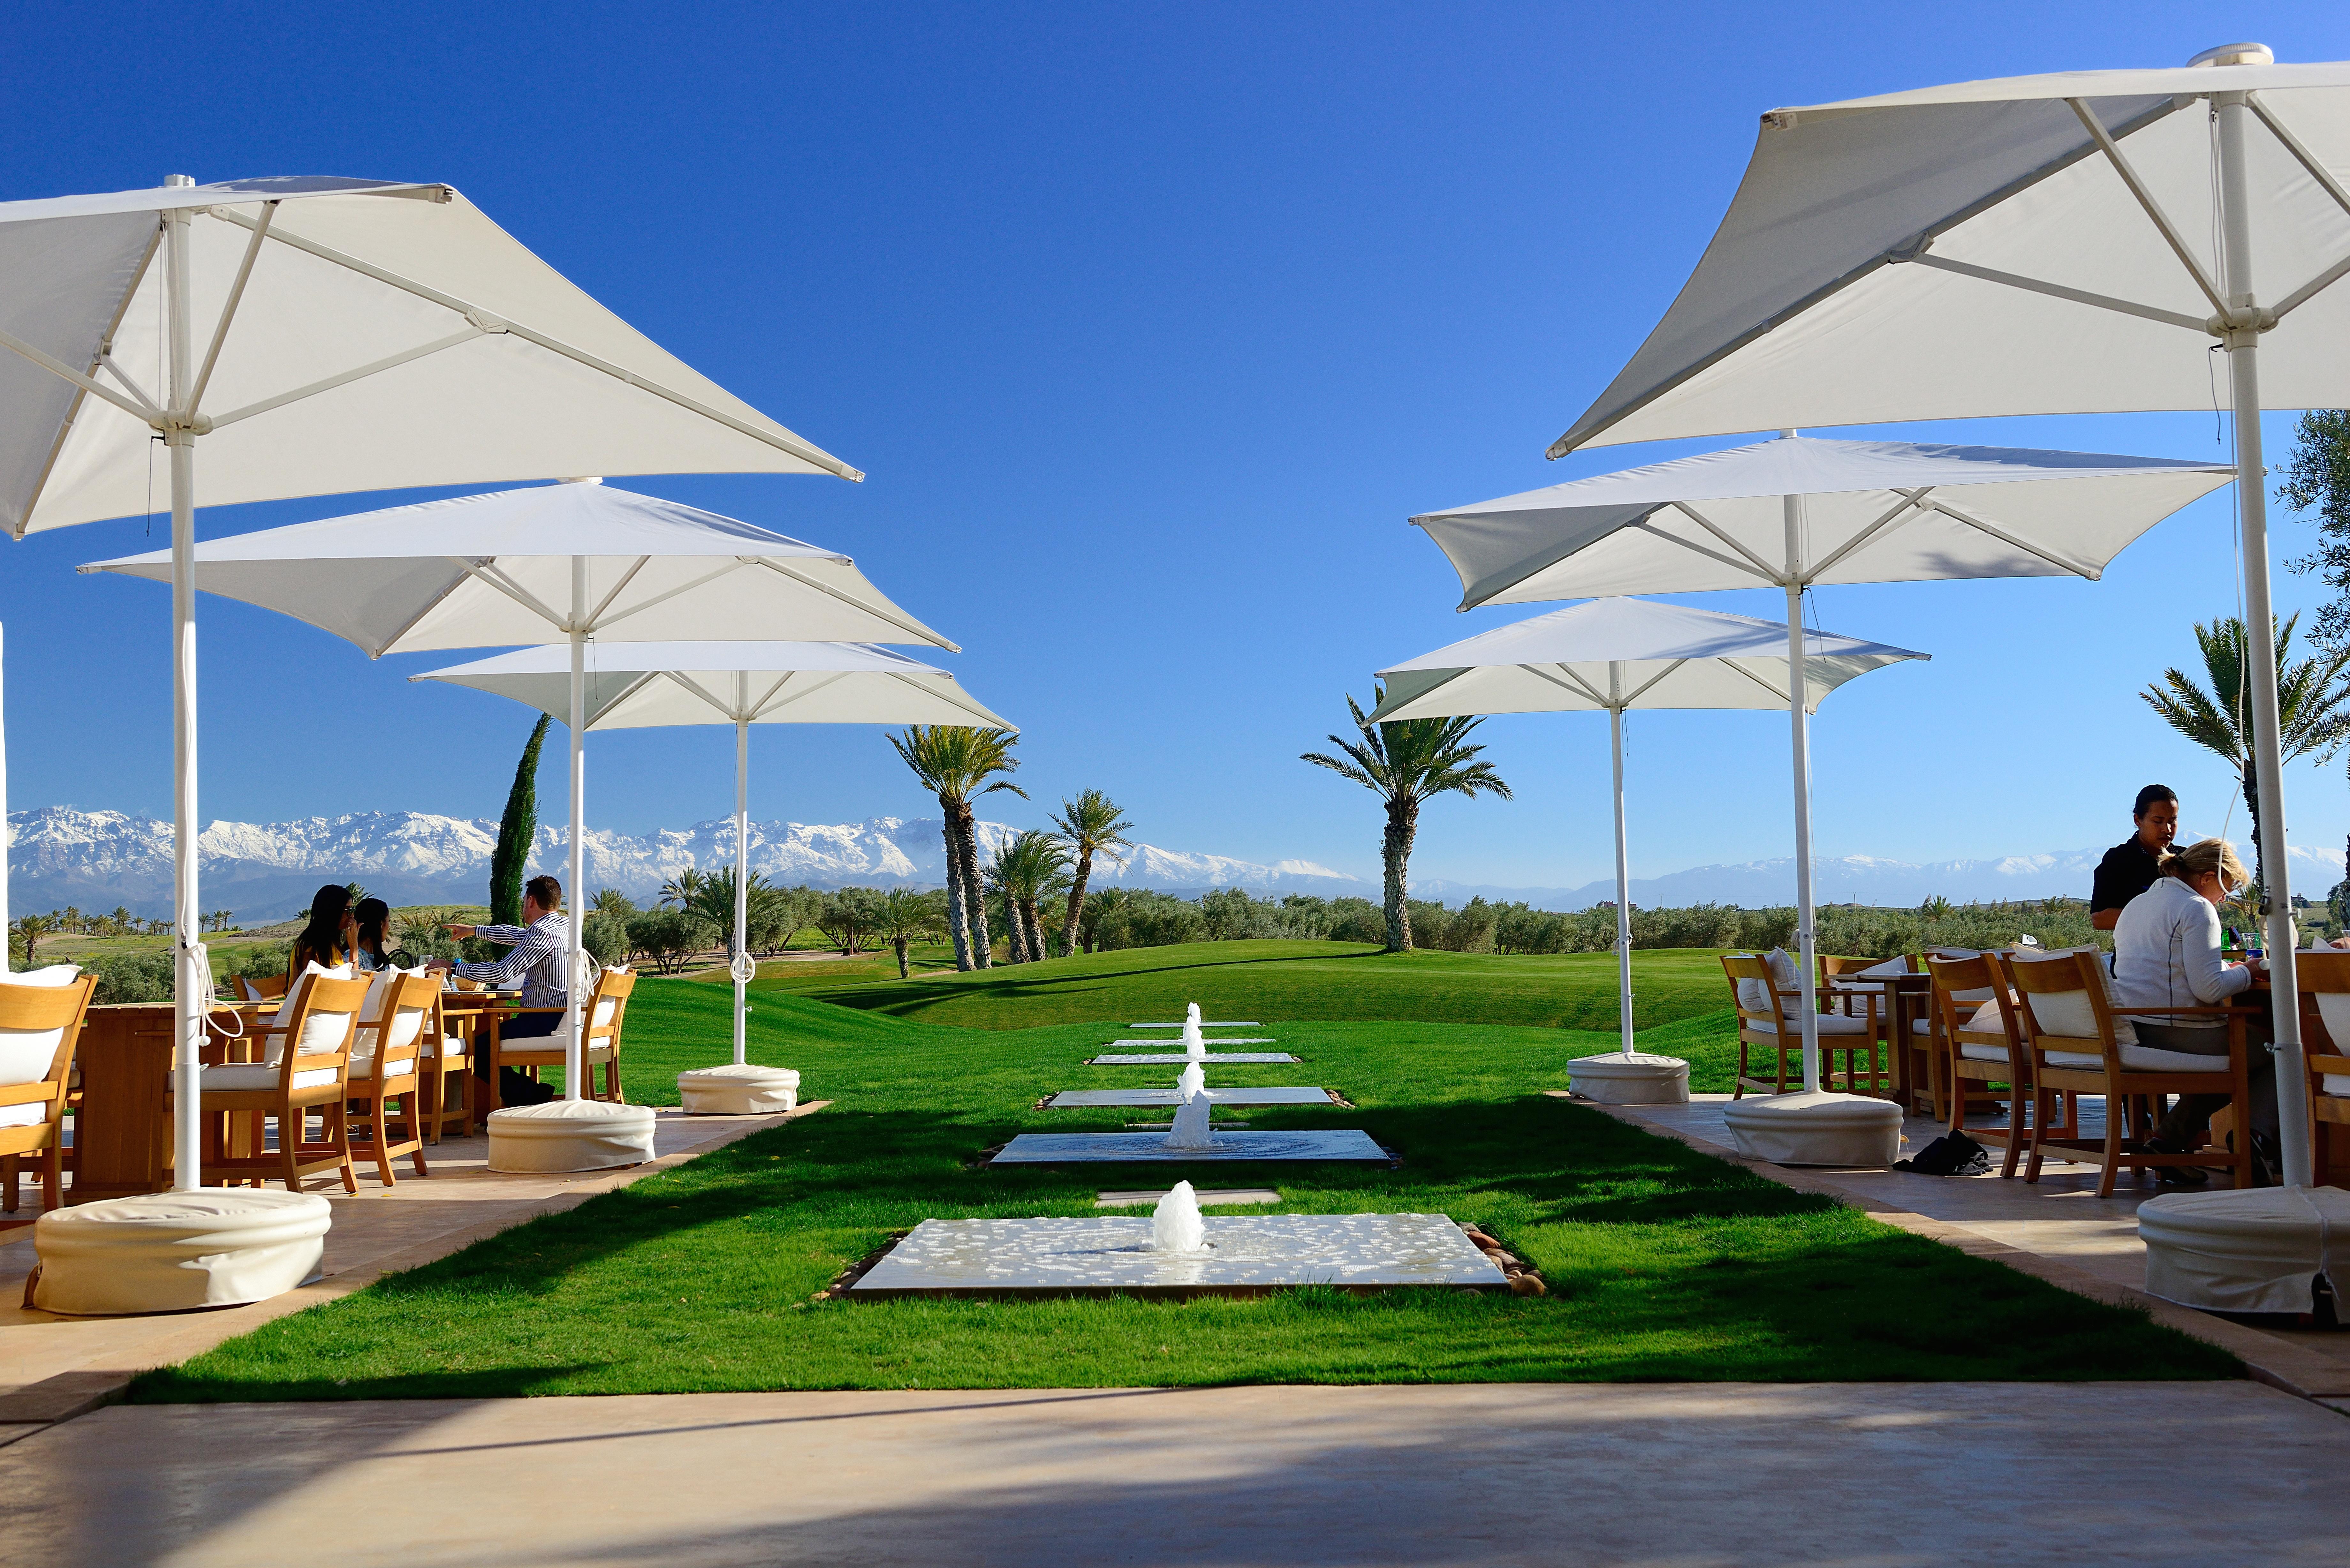 Assoufid's terrace offers a stunning spot to soak up the views